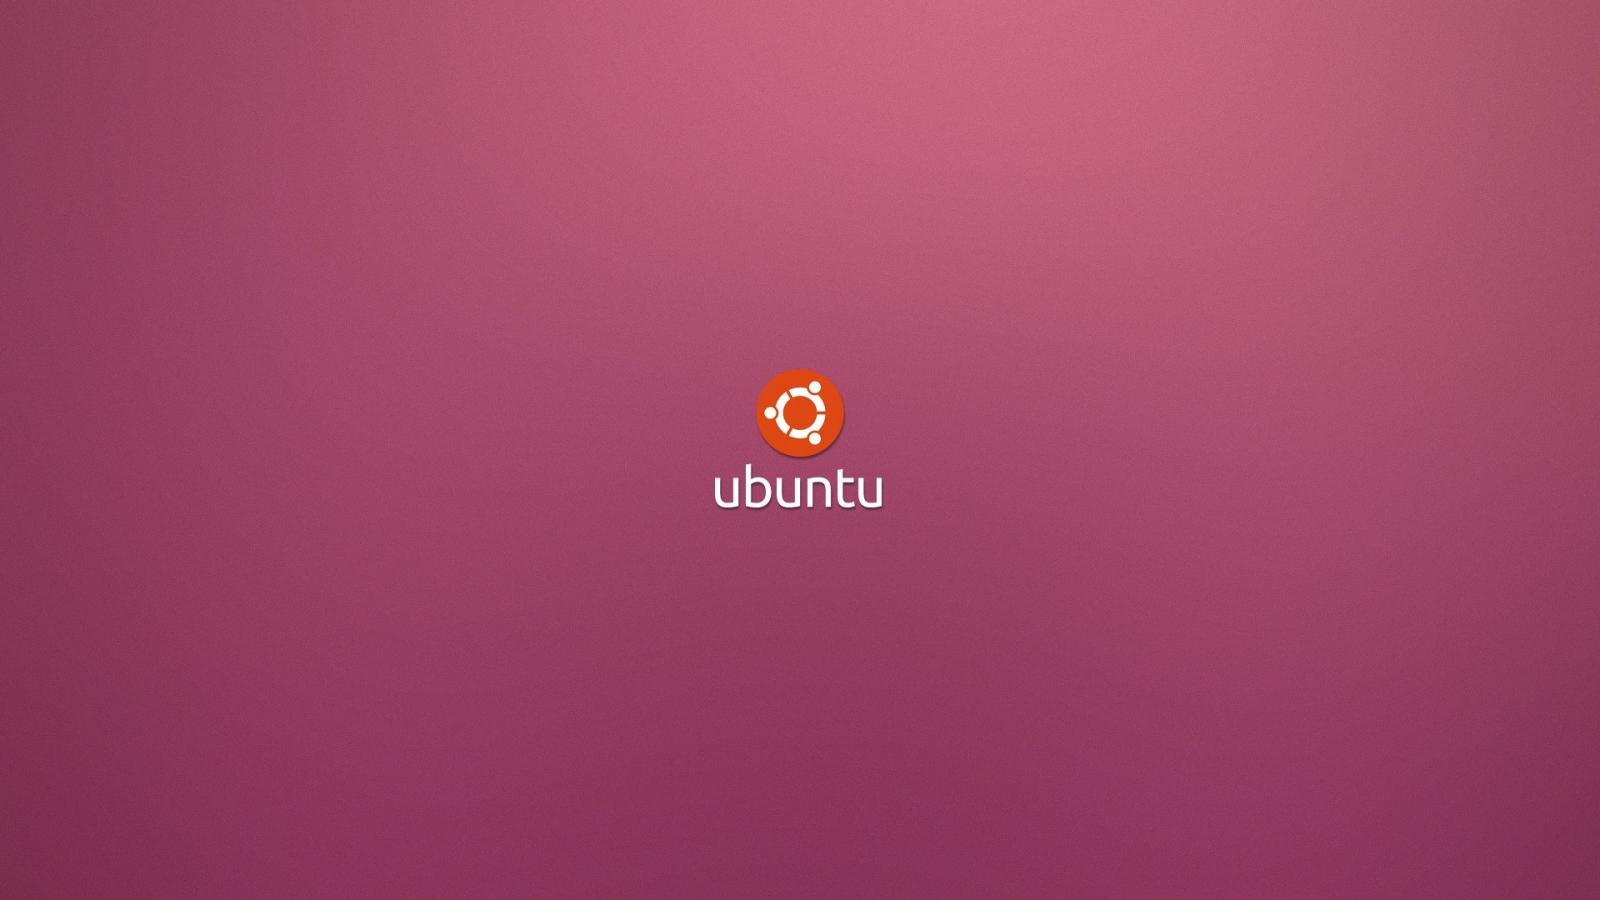 Ubuntu fondo hd 1600x900 imagenes wallpapers gratis for Fondo de pantalla ubuntu